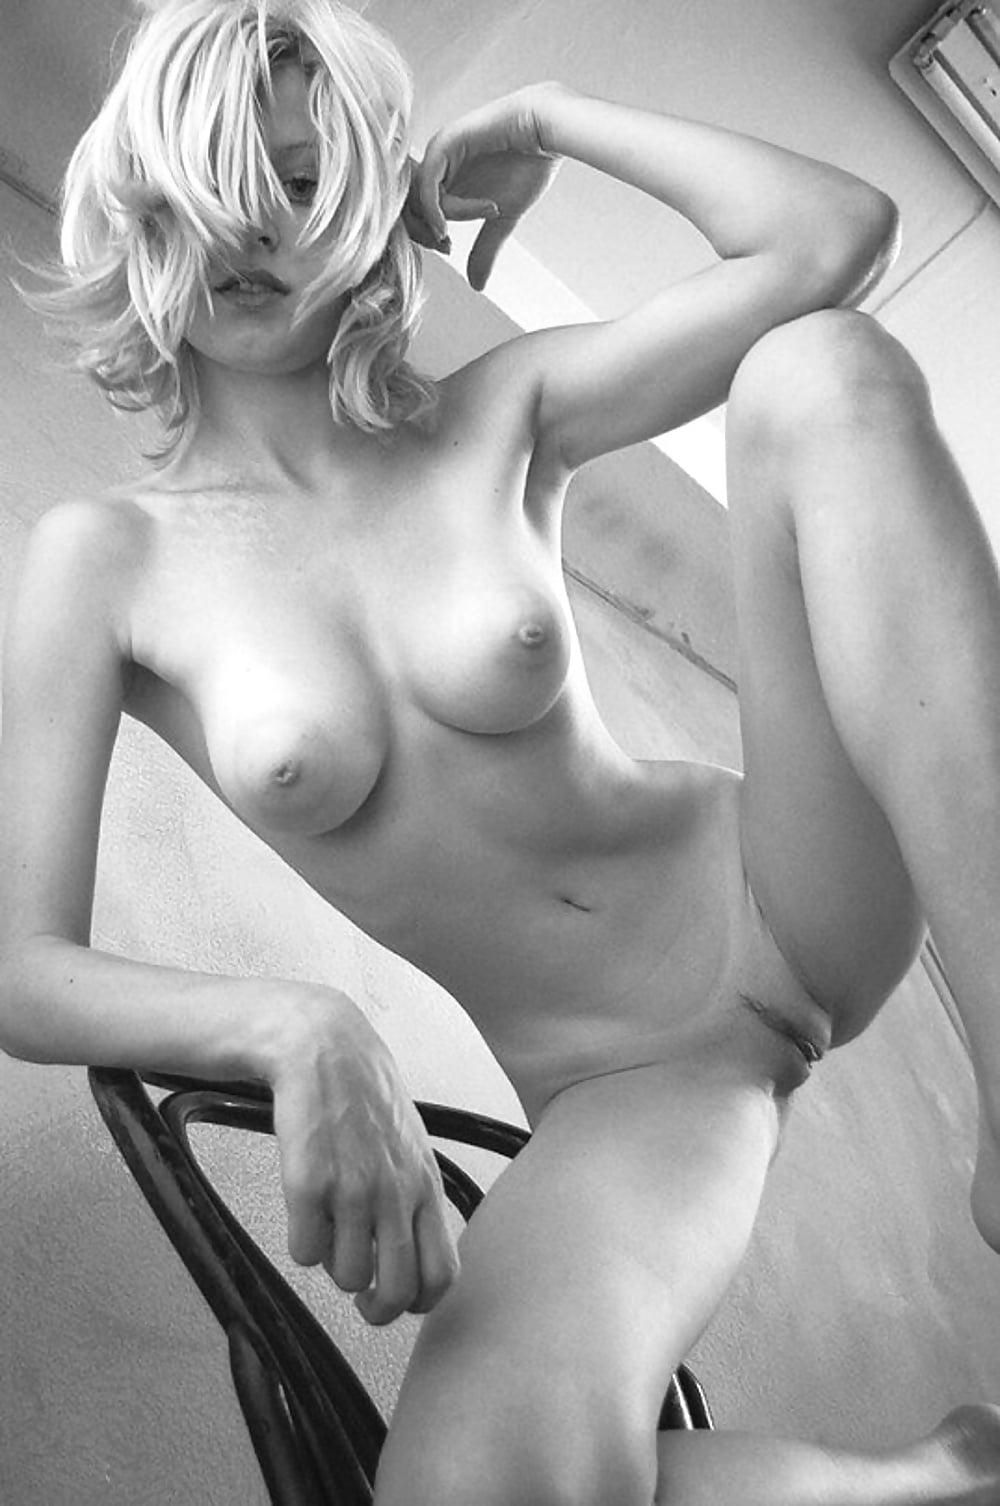 Остров голые худенькие блондинки с большими сиськами колготки попа